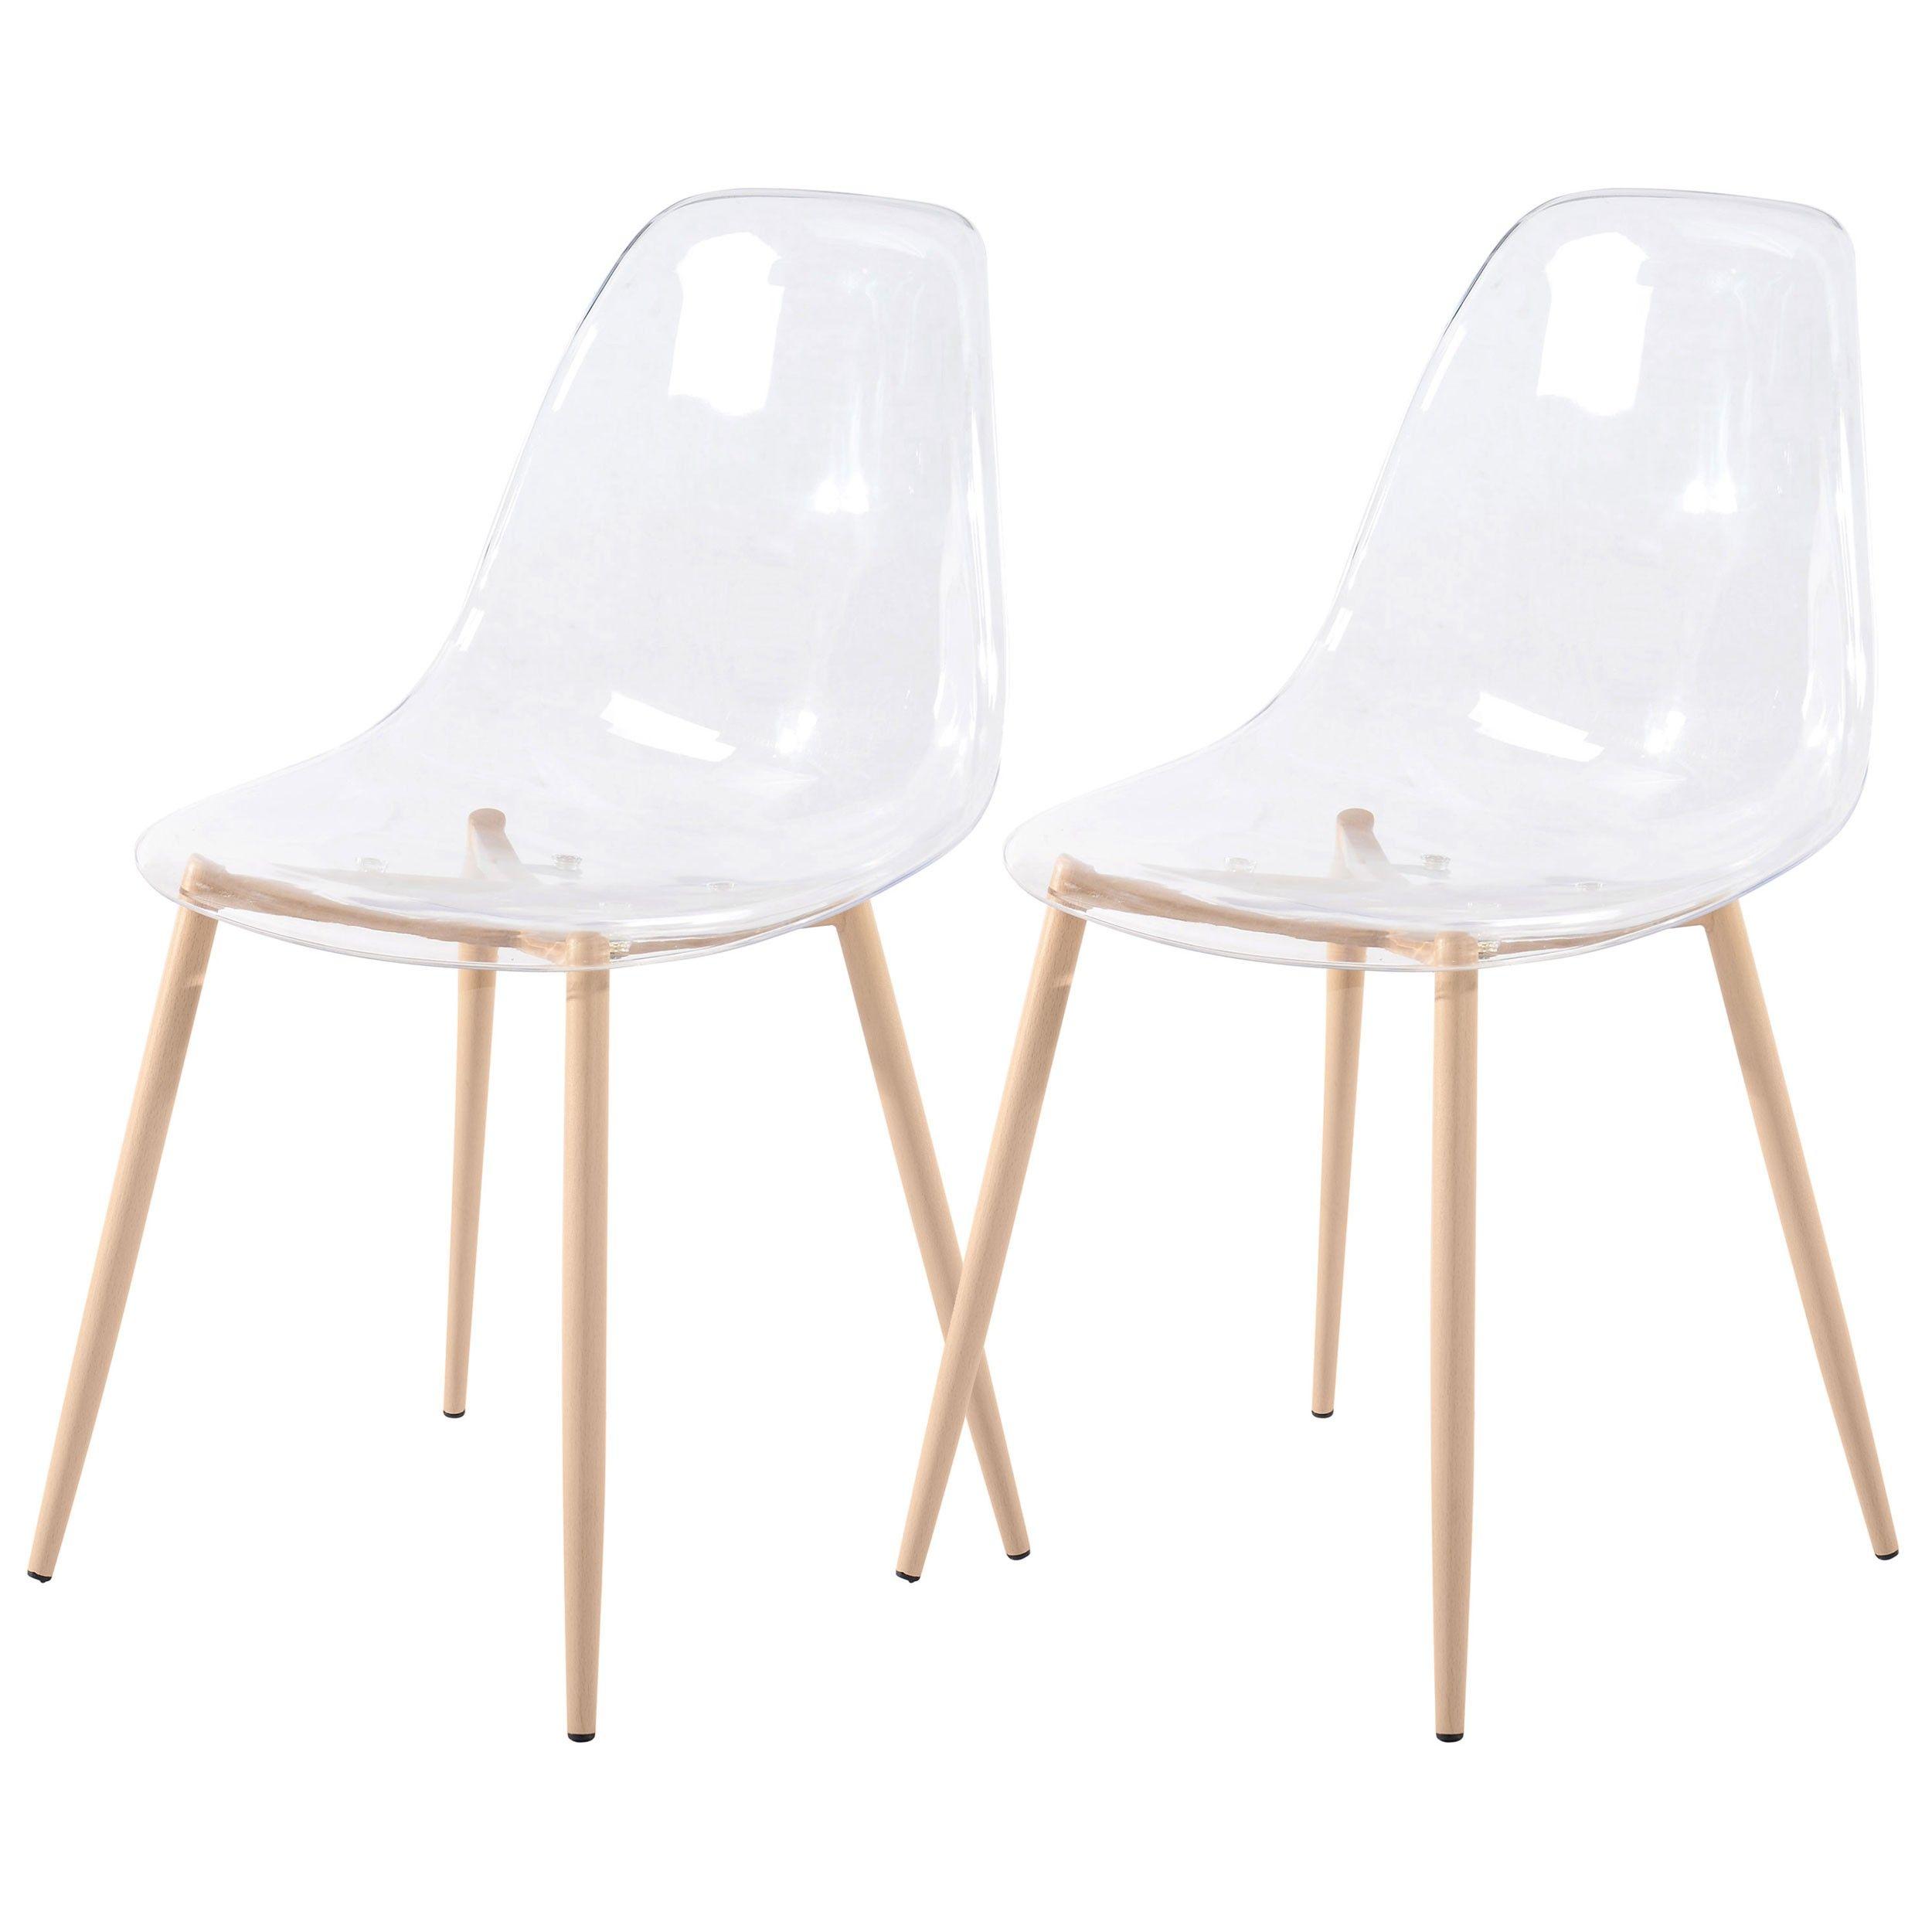 Chaise Fredrik Transparente Lot De 2 Chaise Design Pas Cher Chaise Transparente Chaise Design